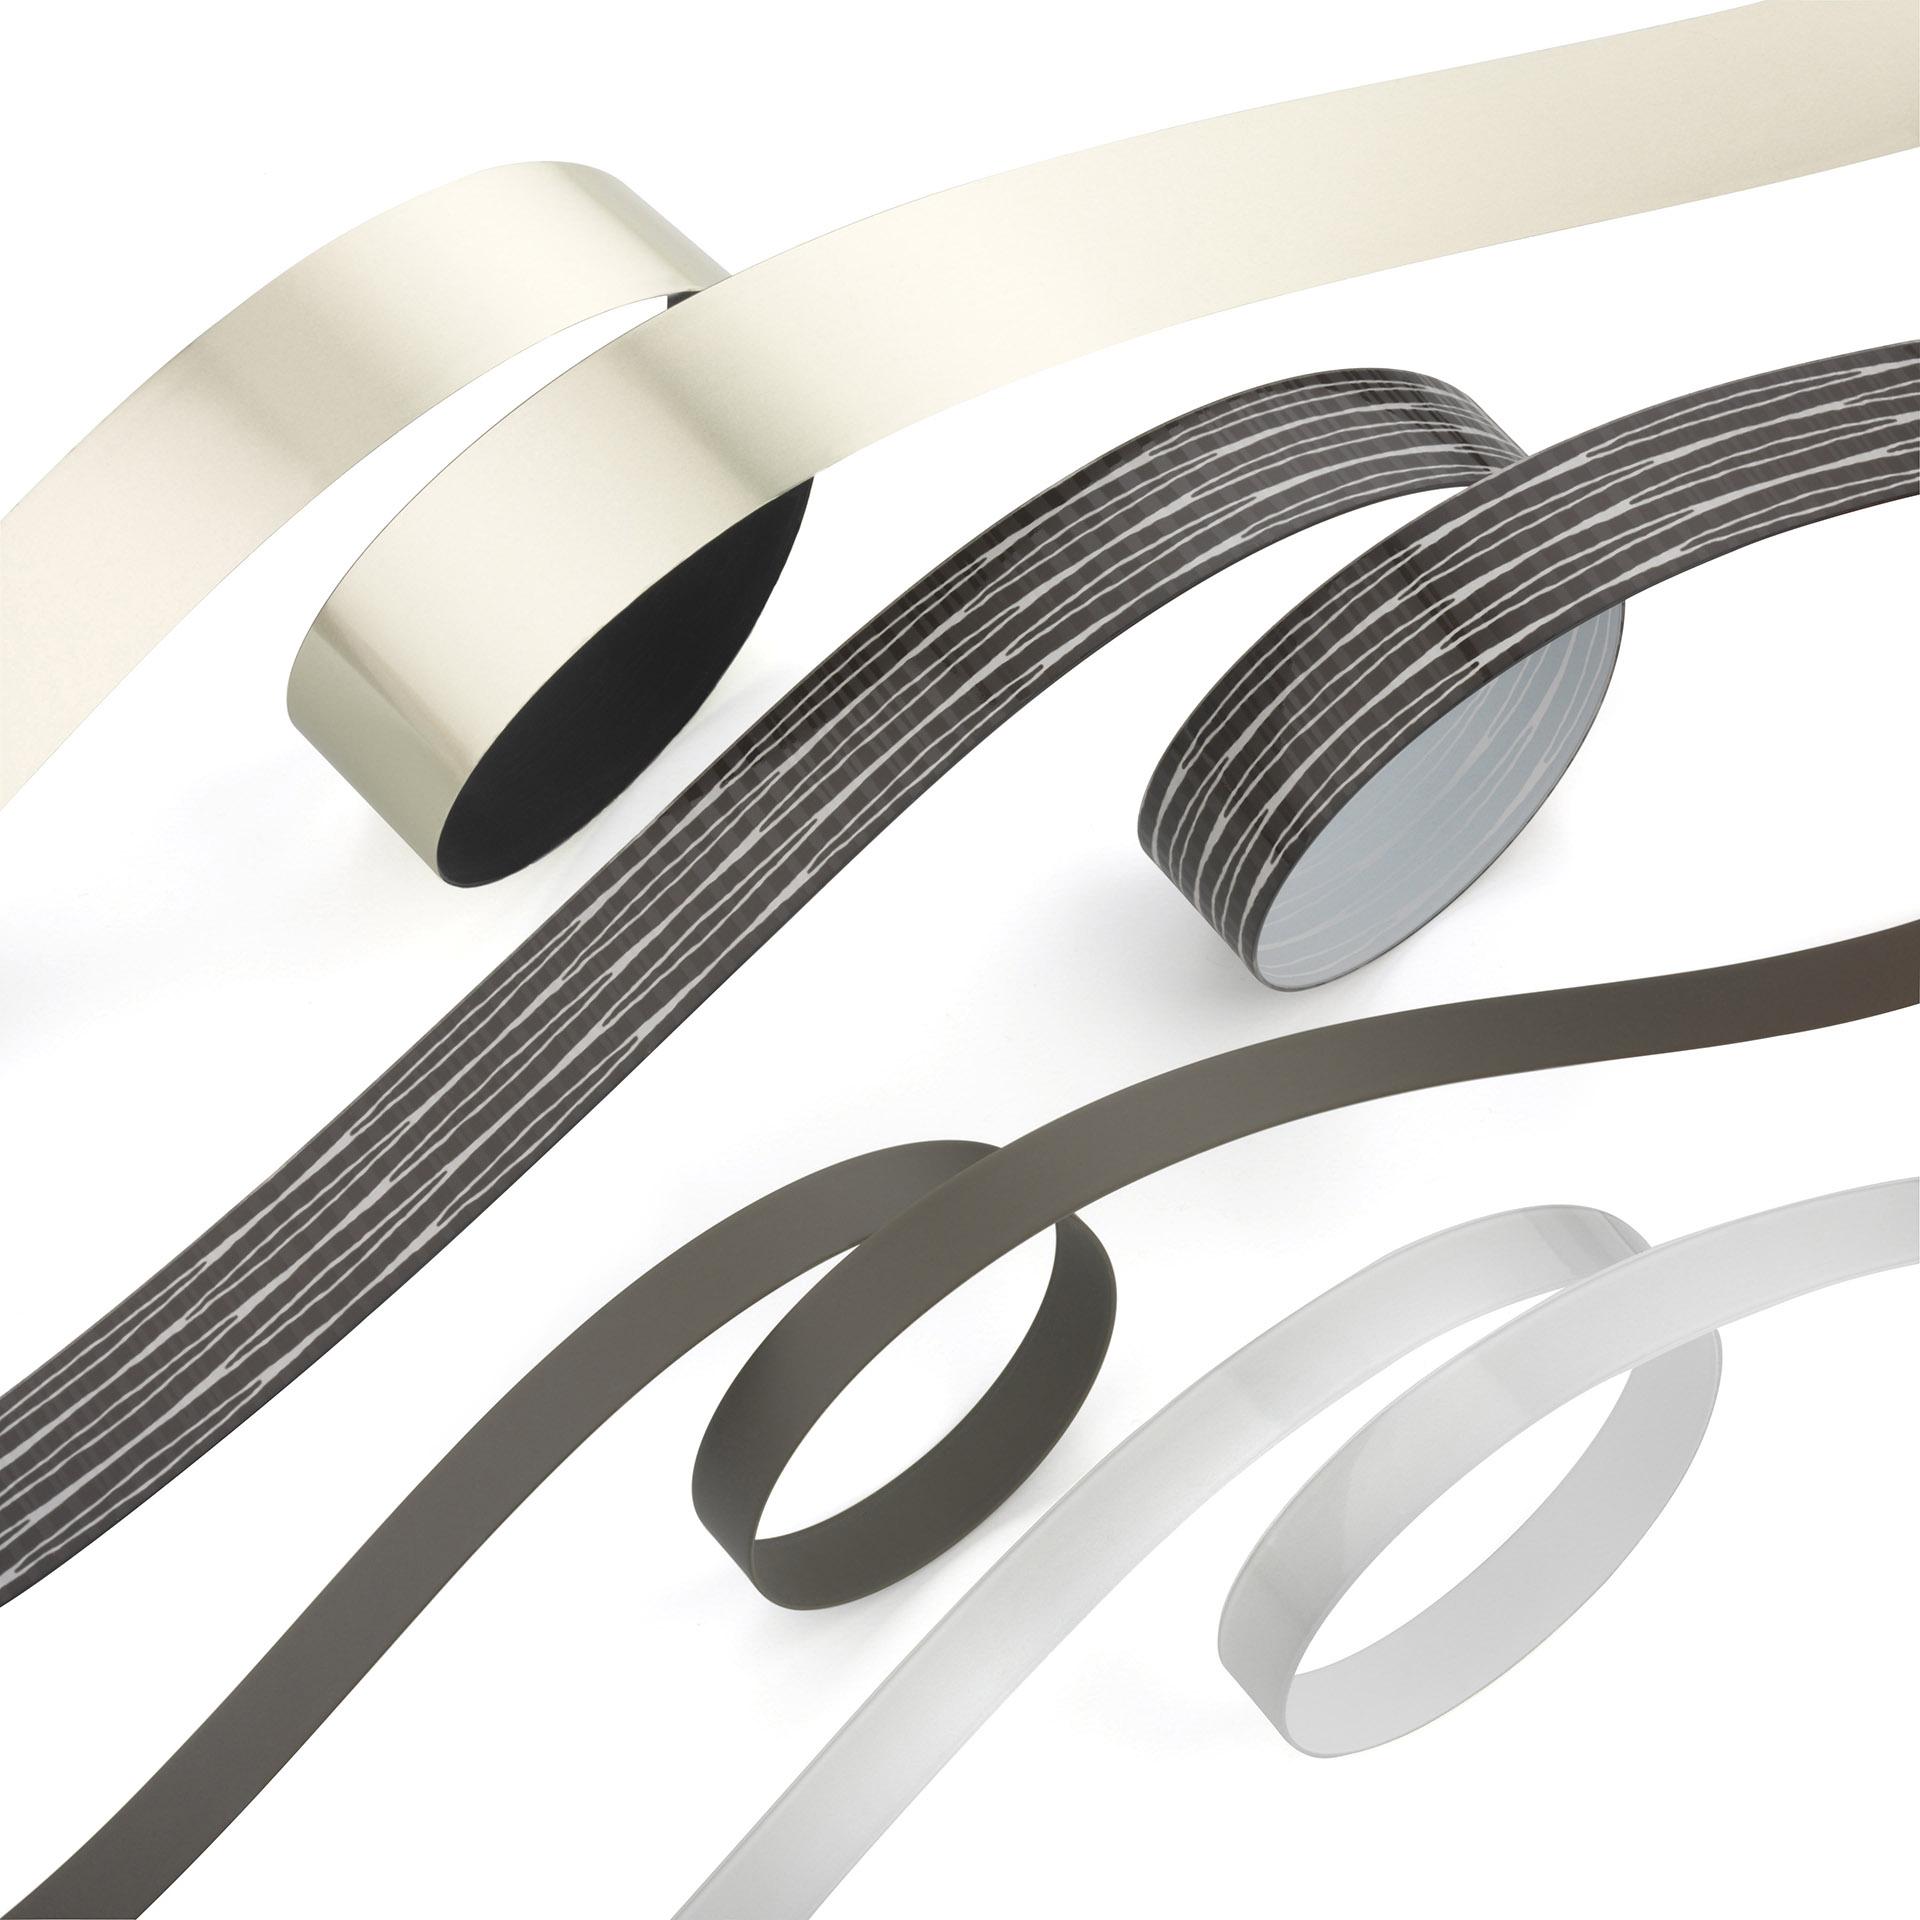 Detailaufnahme Kantenumlaufbänder in Silber, schwarz, weiß und schwarz strukturiert. Feigfotodesign